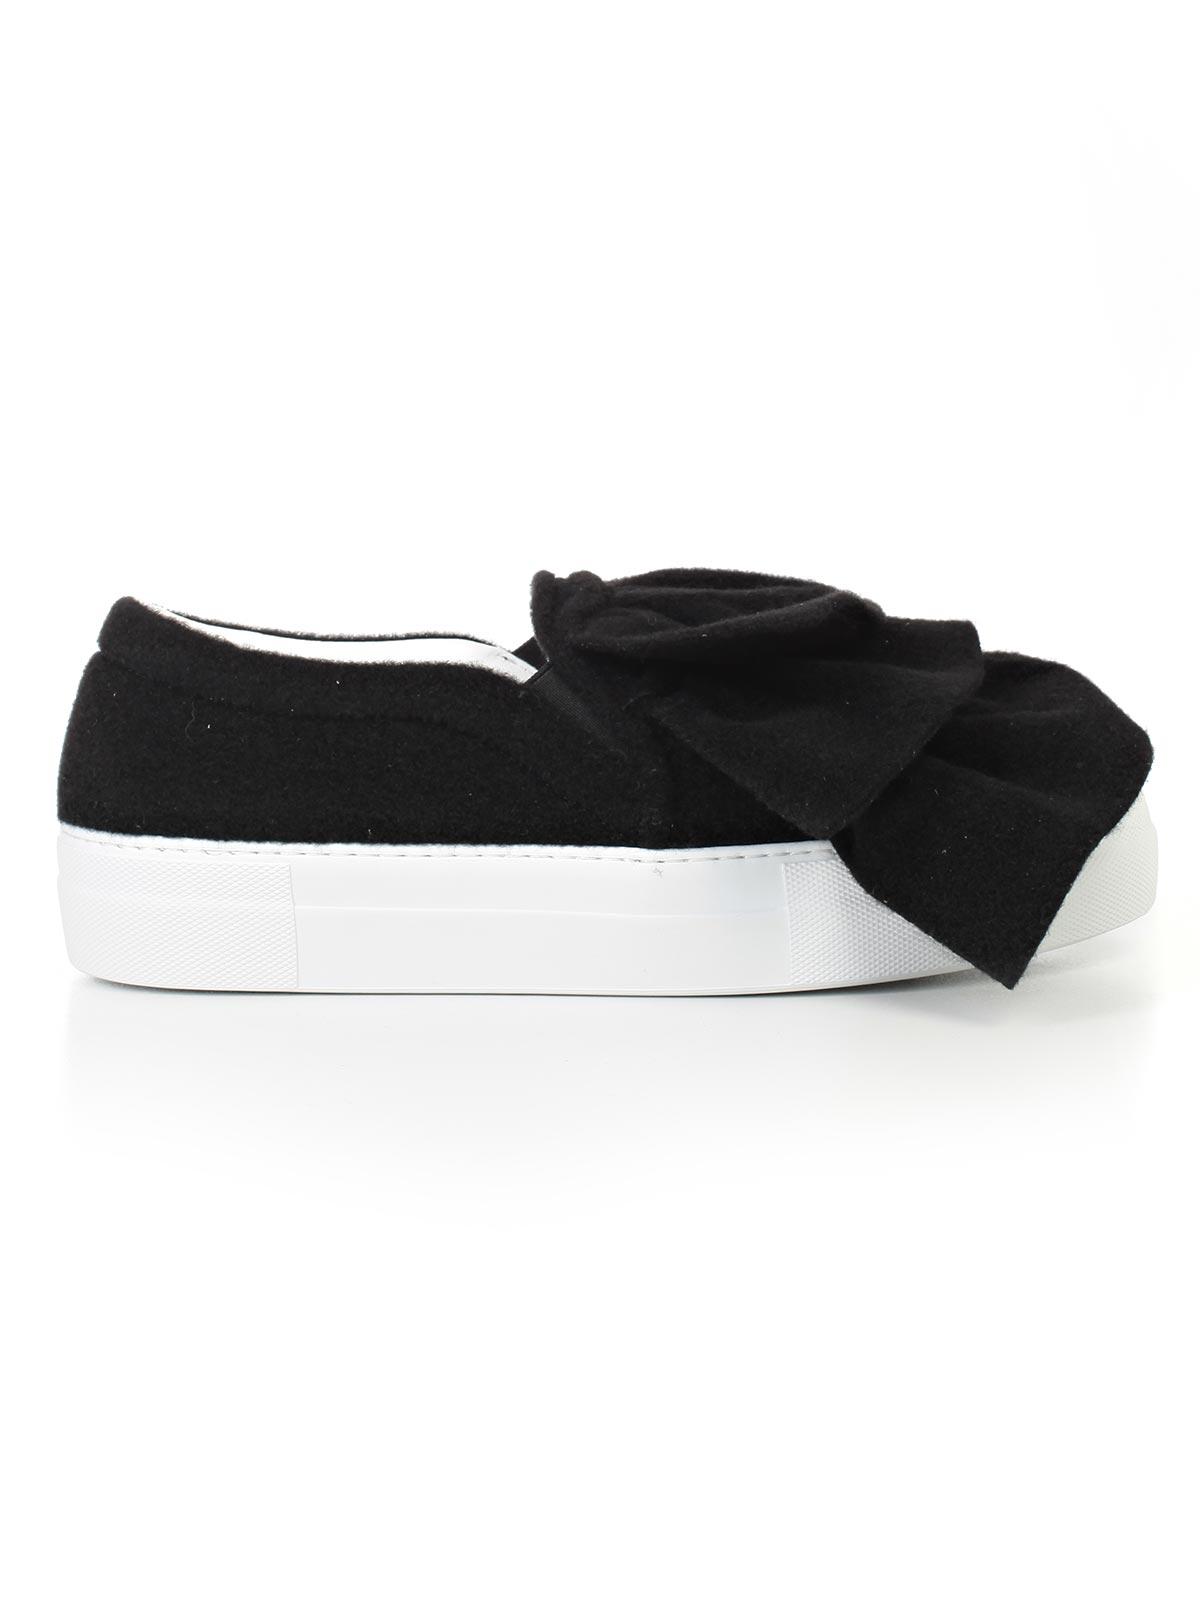 Picture of JOSHUA SANDERS Footwear